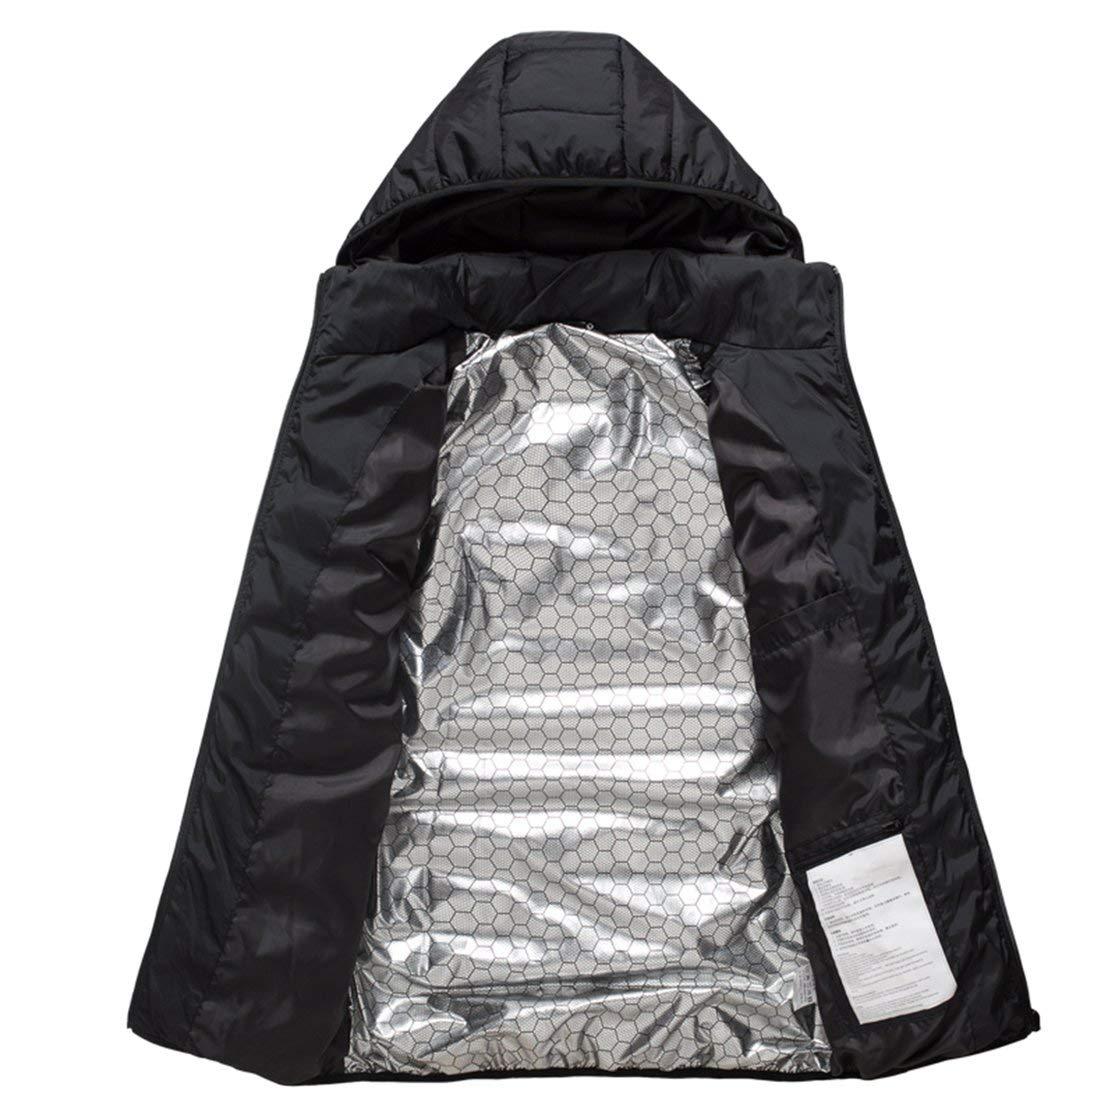 XL MICHA Giacca da Uomo riscaldata elettrica Gilet Gilet Donna Cappotto Piumino Termico Giacca Softshell Riscaldamento Invernale Vestiti Nero